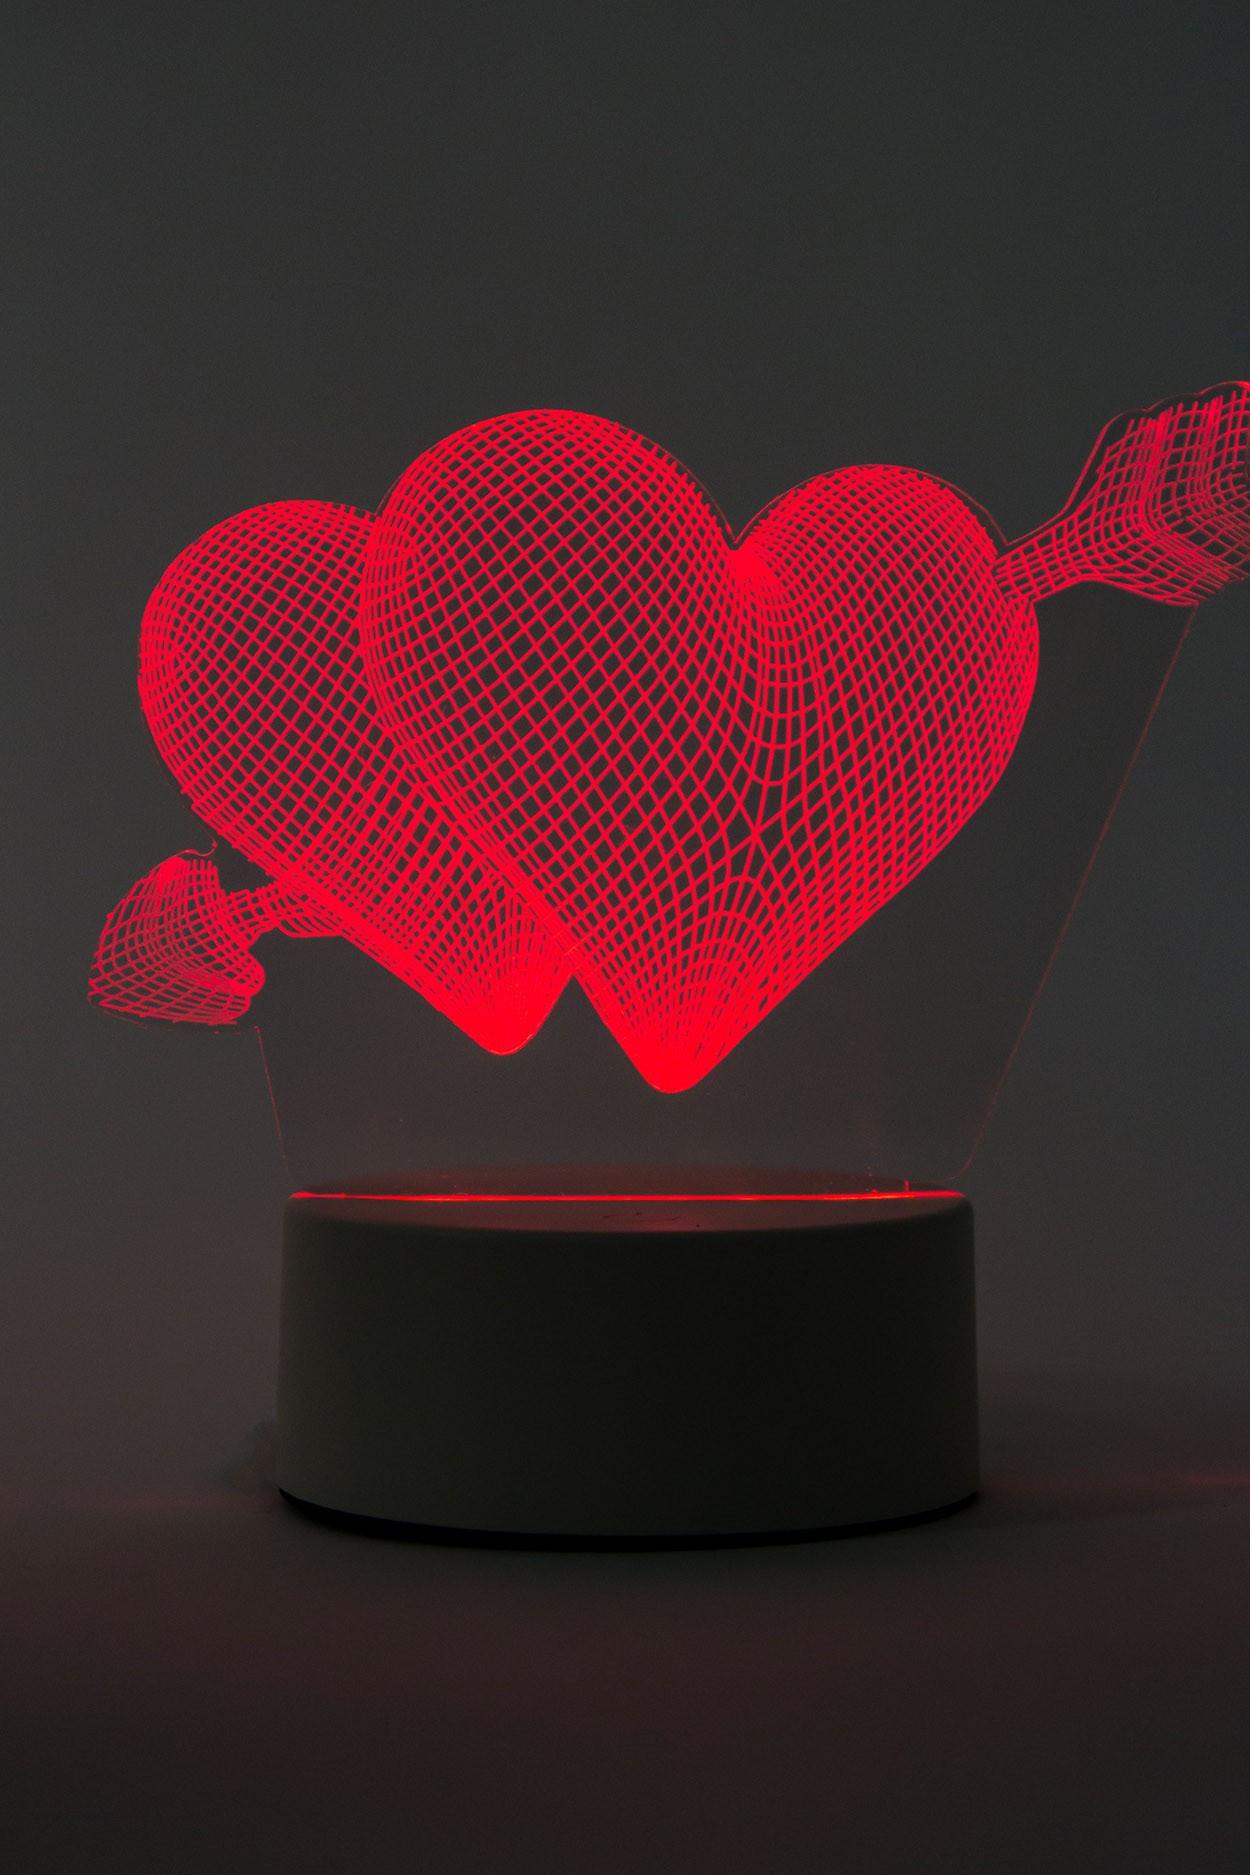 3D светодиодная лампа Сердце со стрелой 3 цвета в Москве